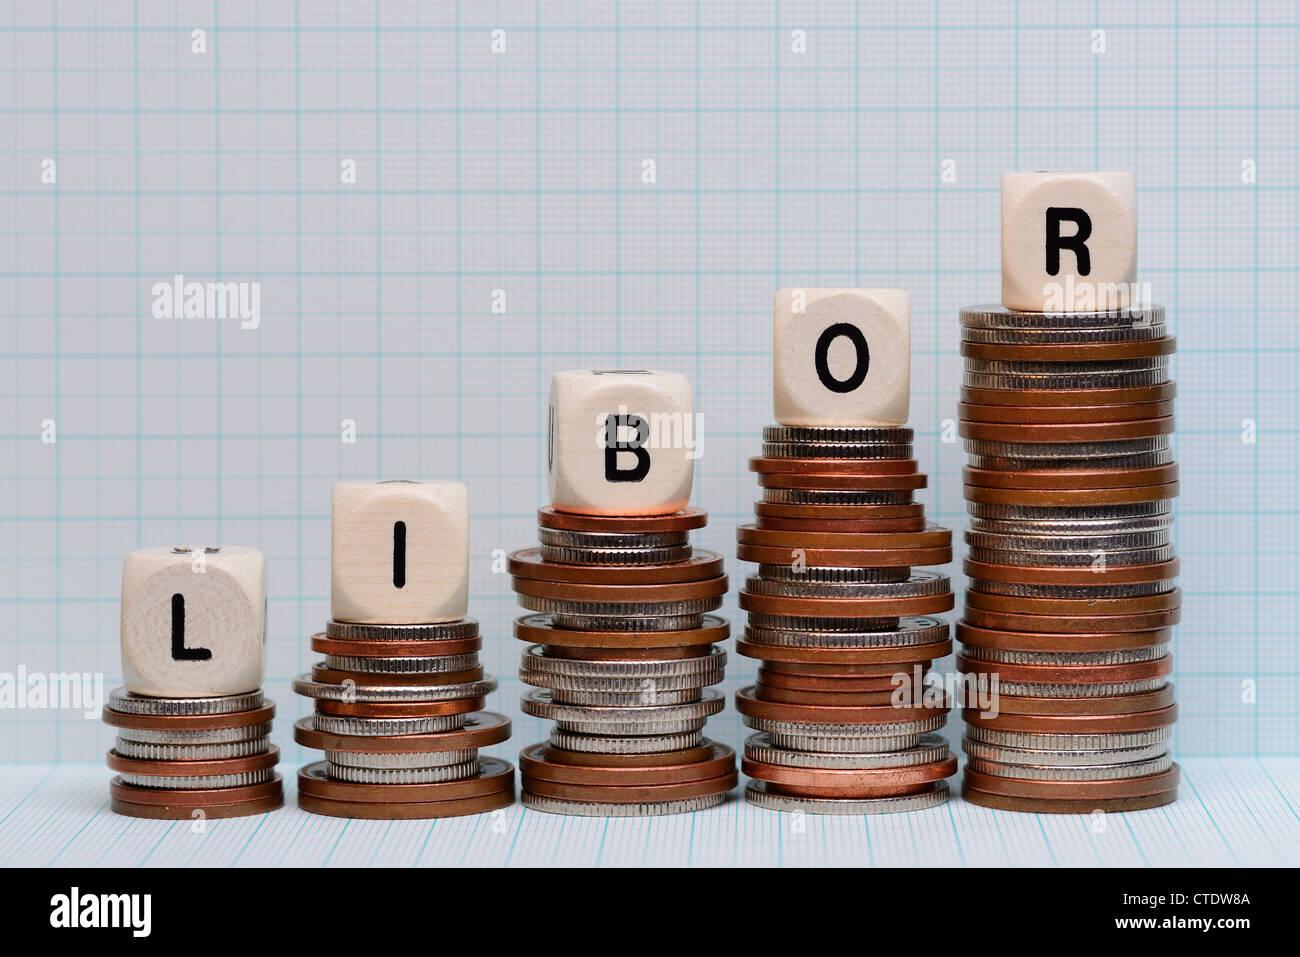 Libor-Finanzen-Konzept Stockbild